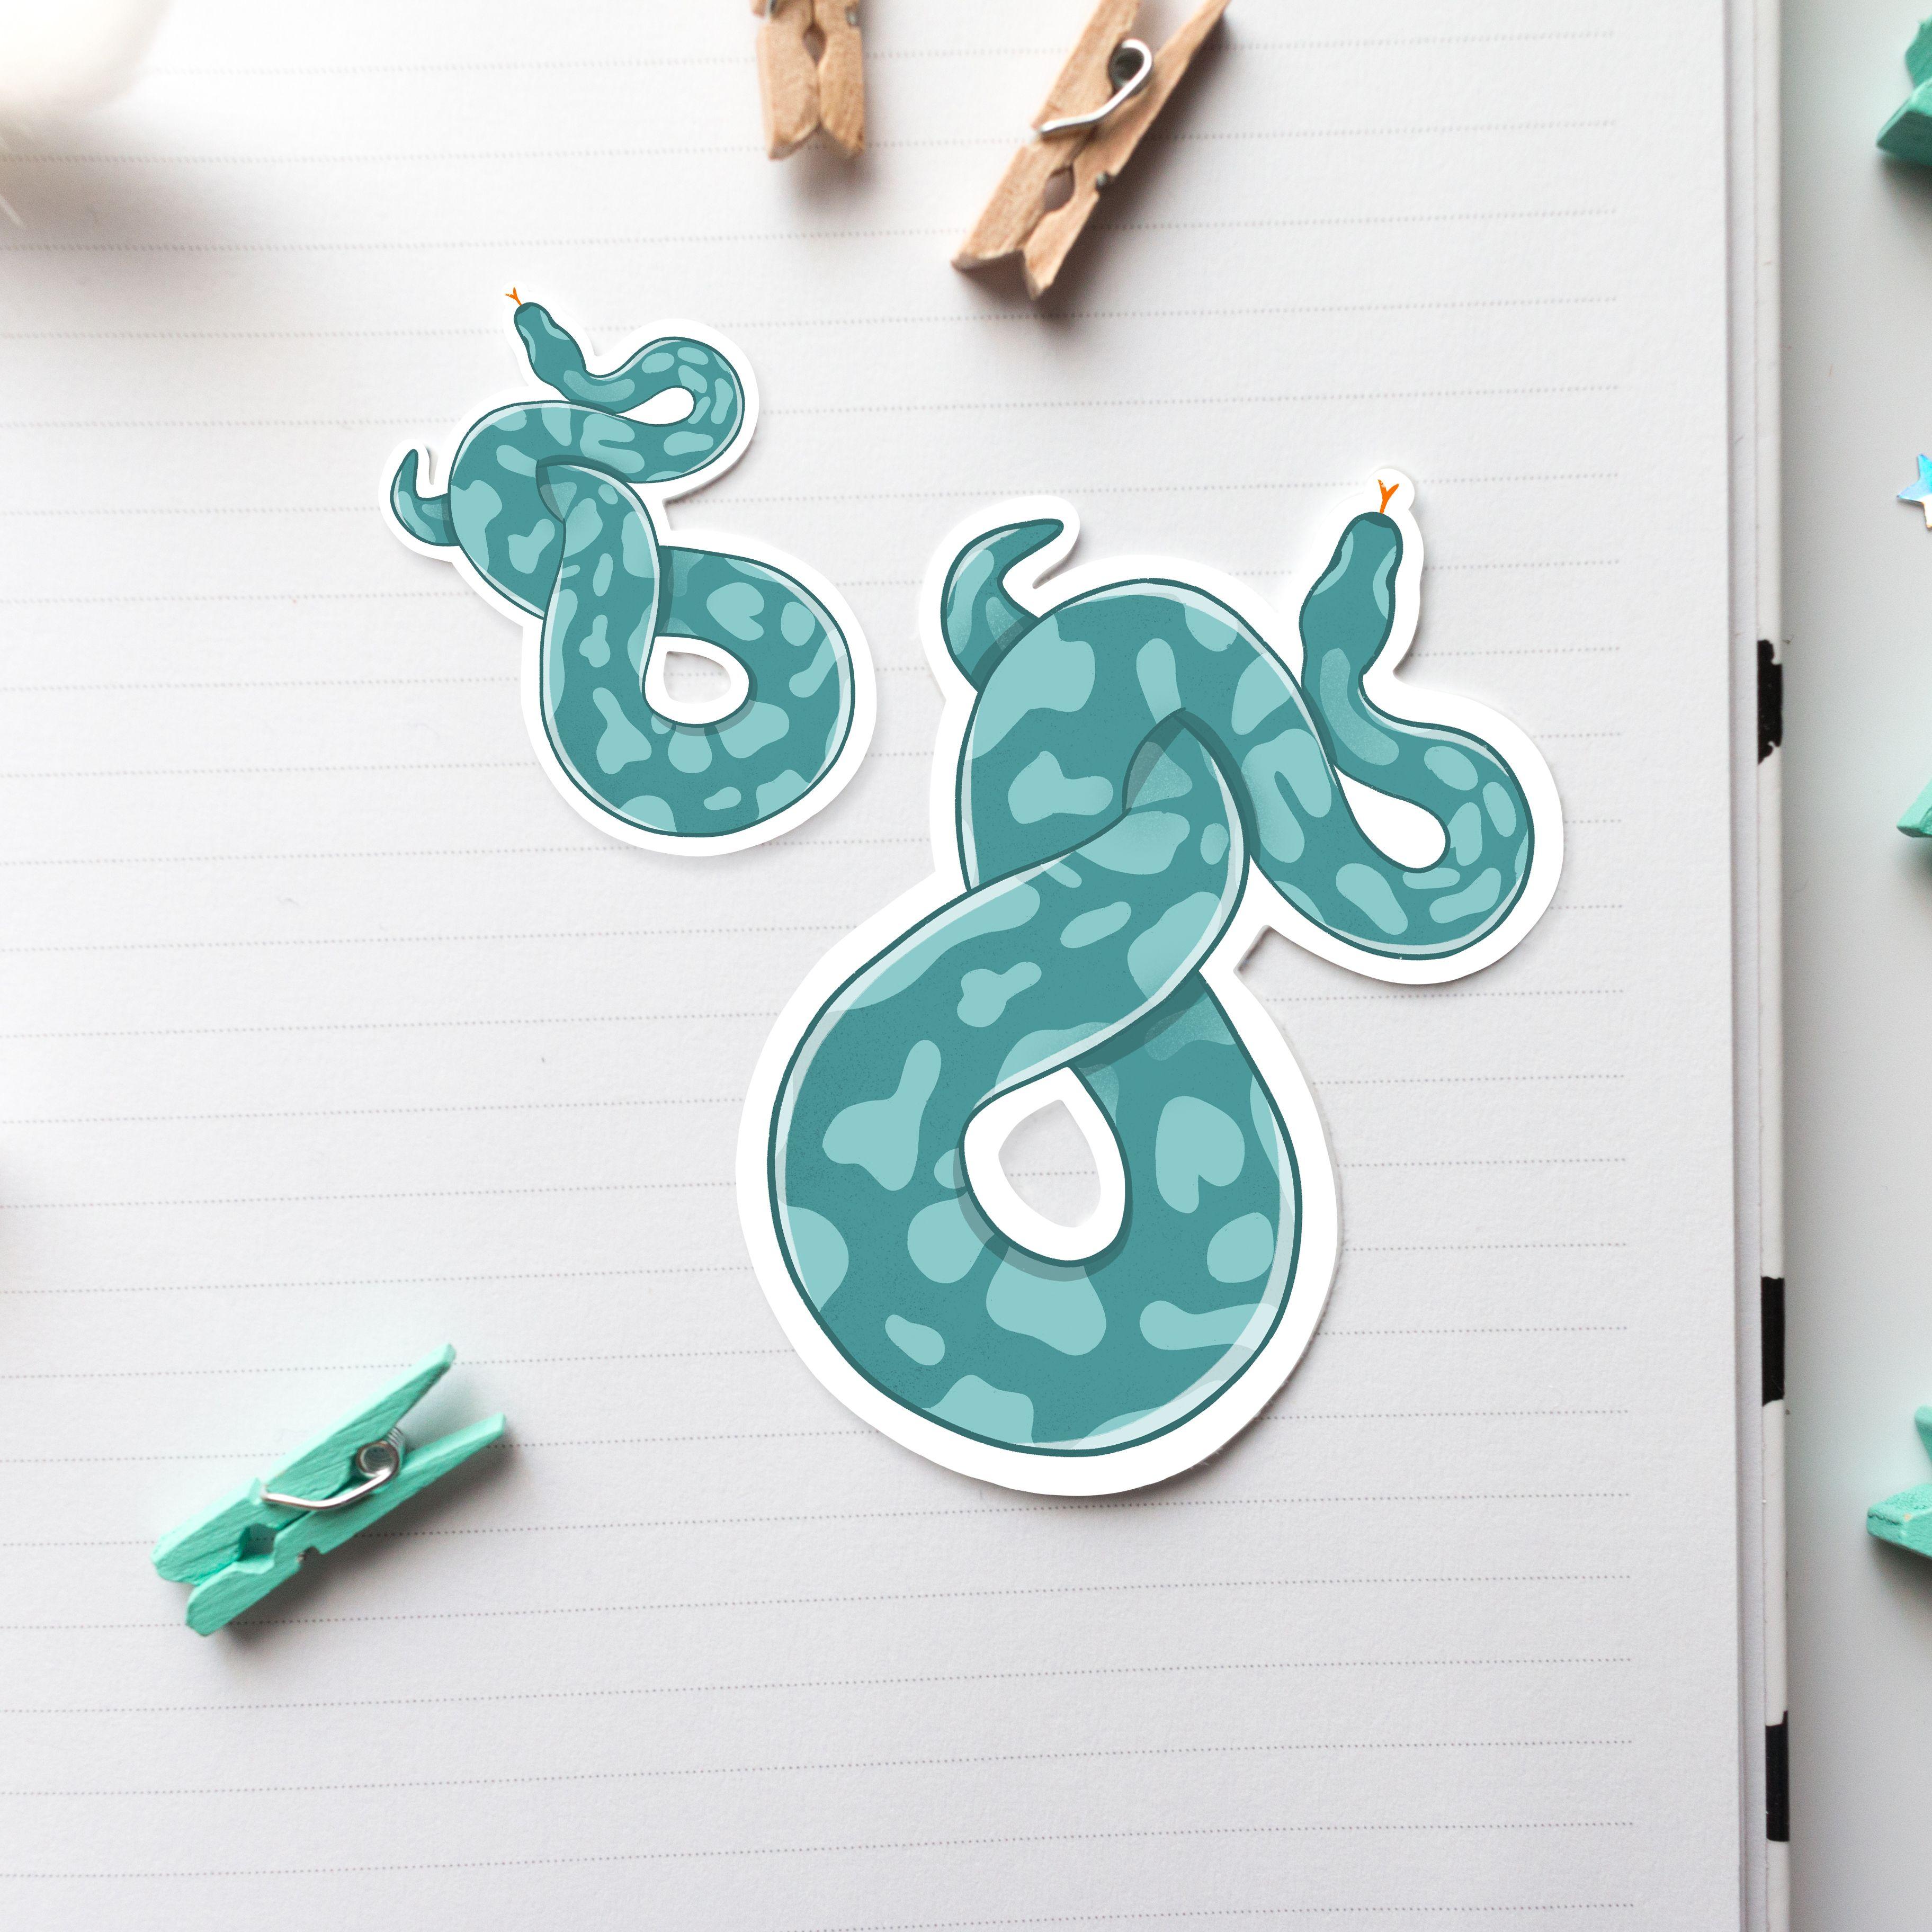 Snake Sticker Waterproof Ball Python Reptile Label Animal Etsy Snake Drawing Snake Art Snake Design [ 3648 x 3648 Pixel ]